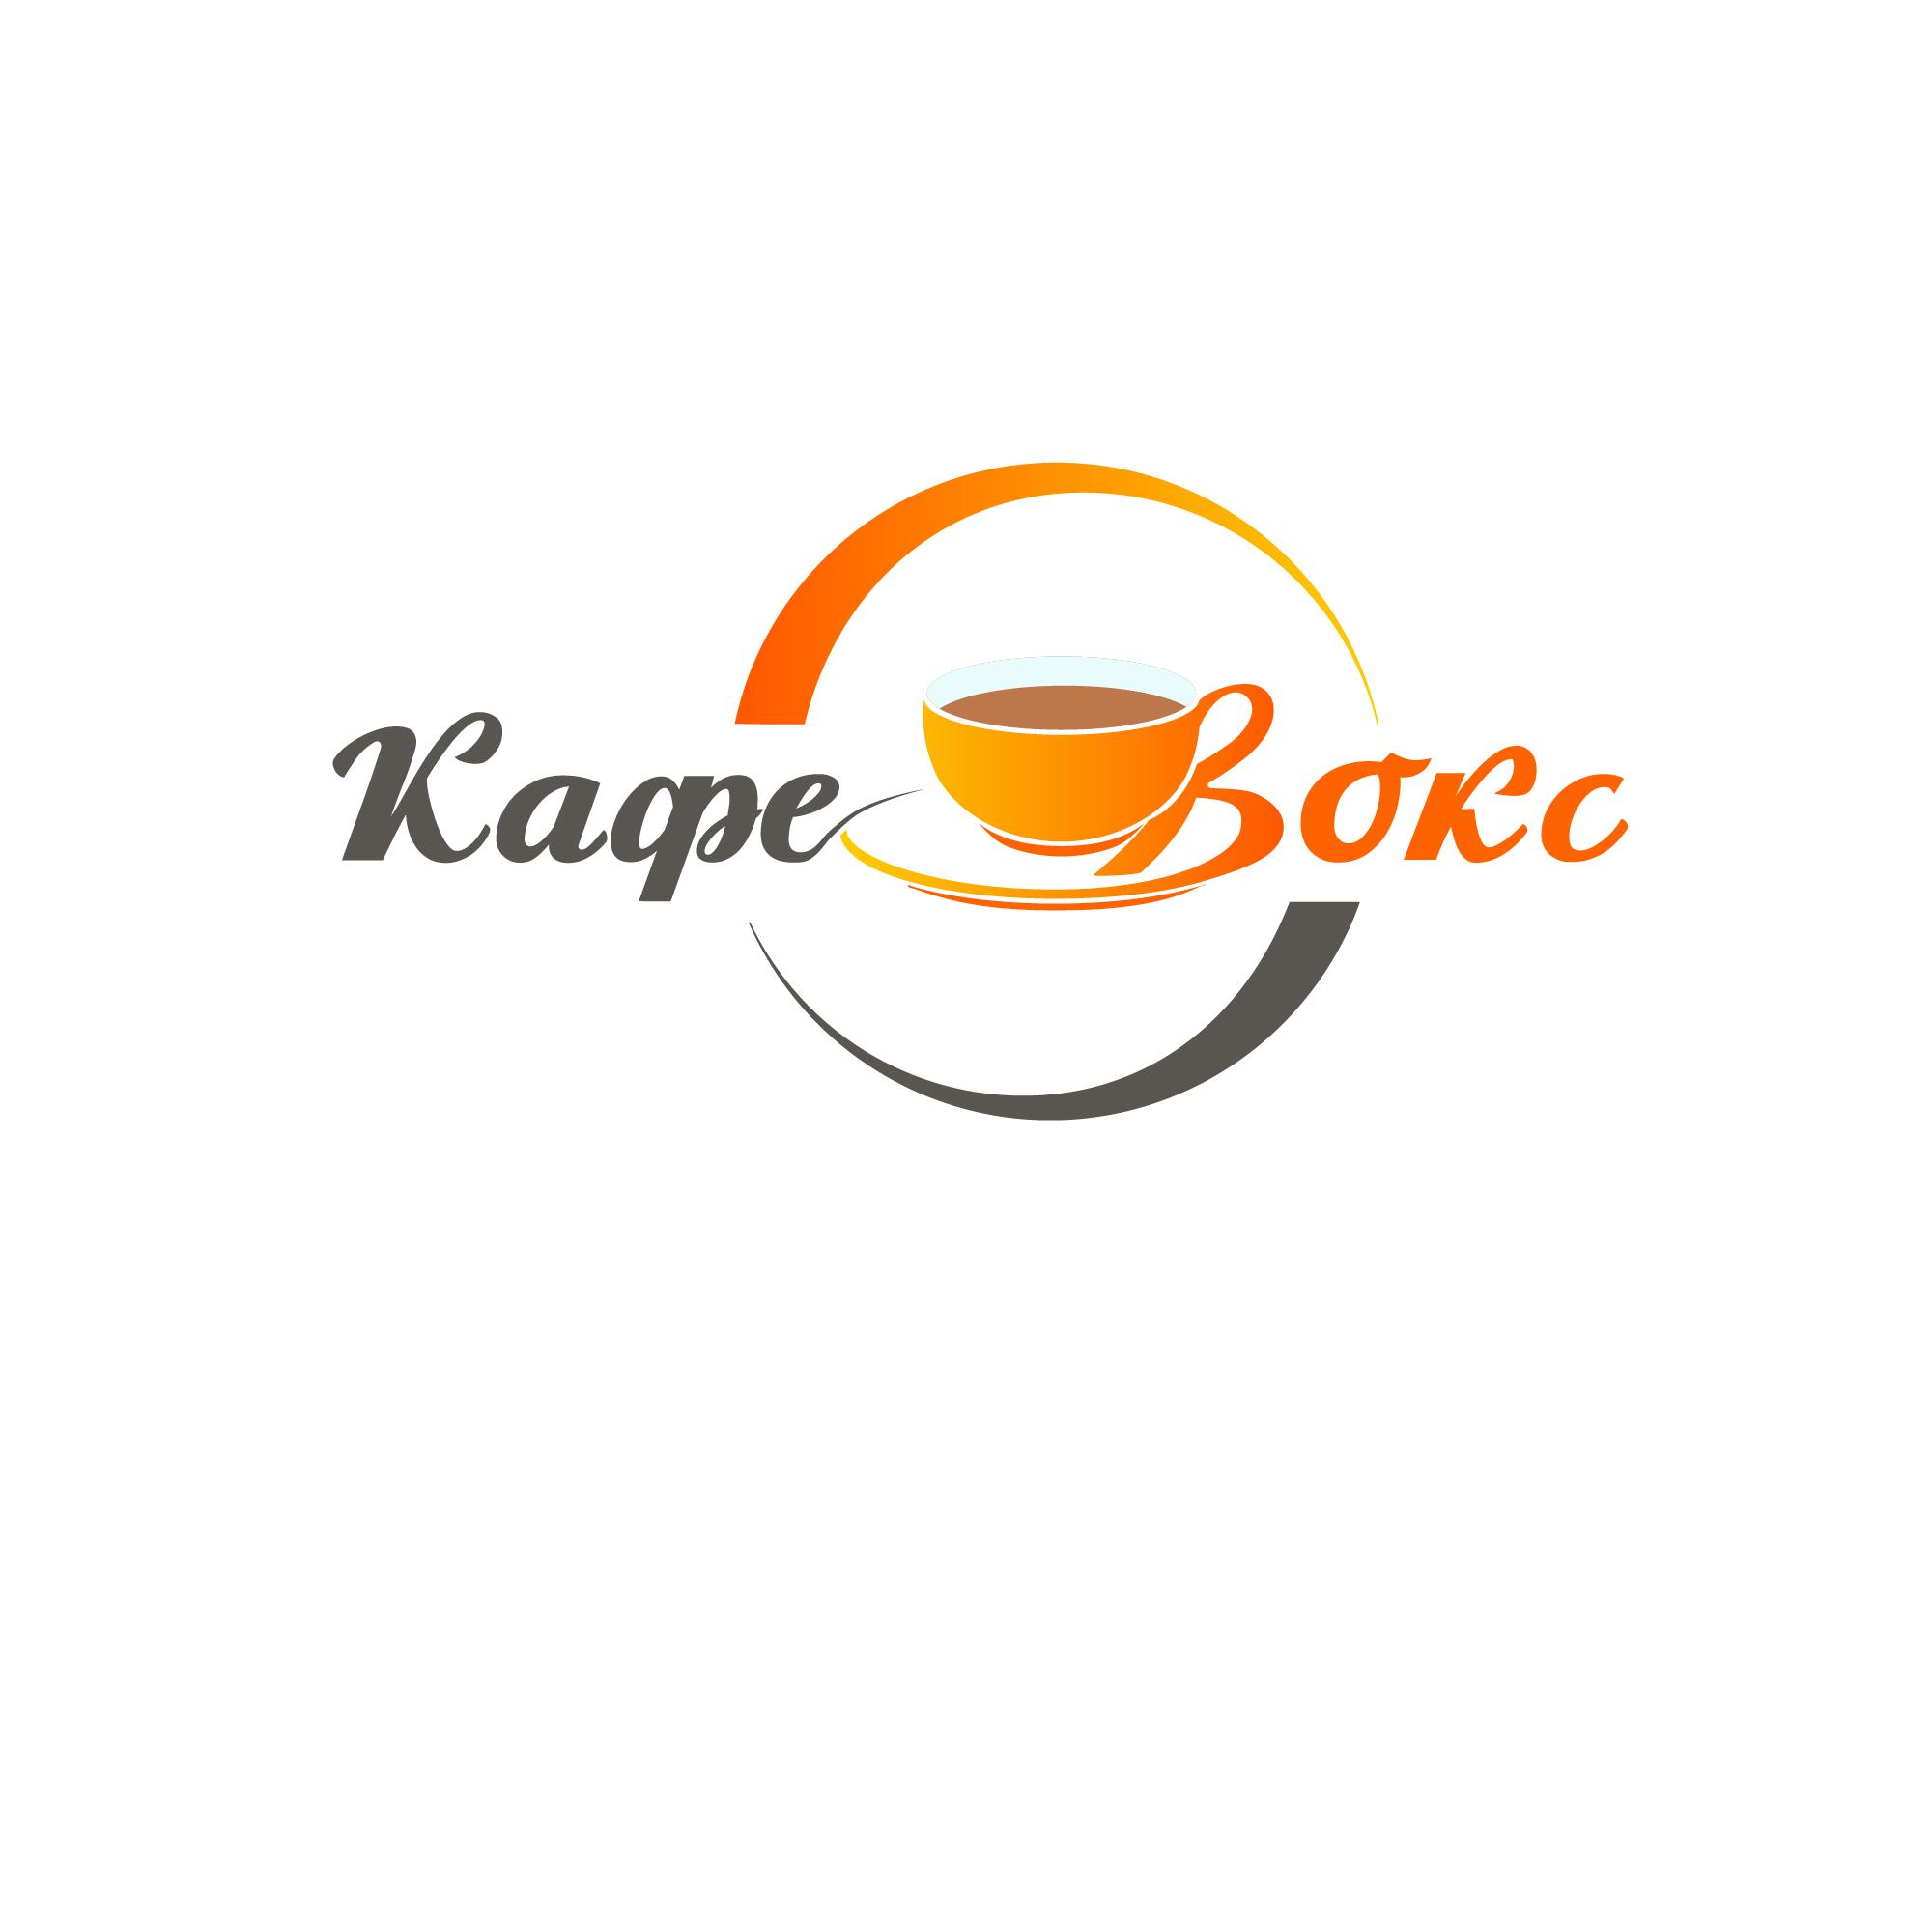 Требуется очень срочно разработать логотип кофейни! фото f_9385a0d48e2e6de4.jpg